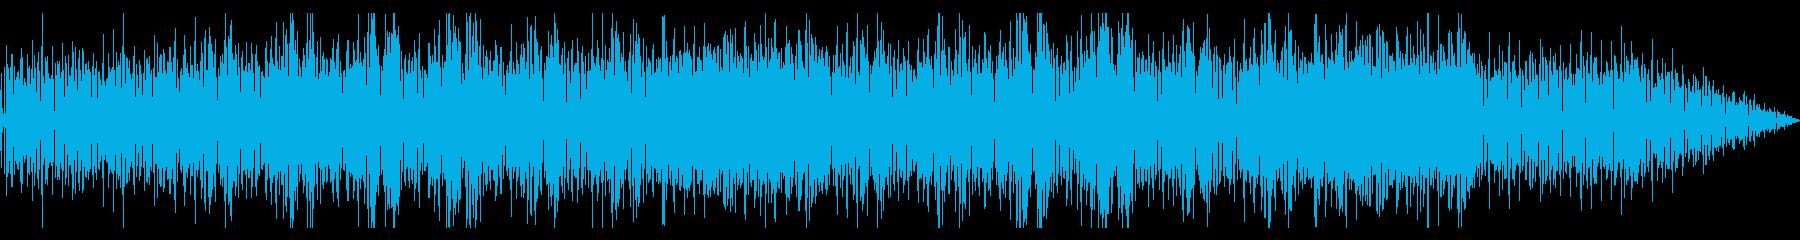 南国系・のんびりトロピカルなポップスの再生済みの波形